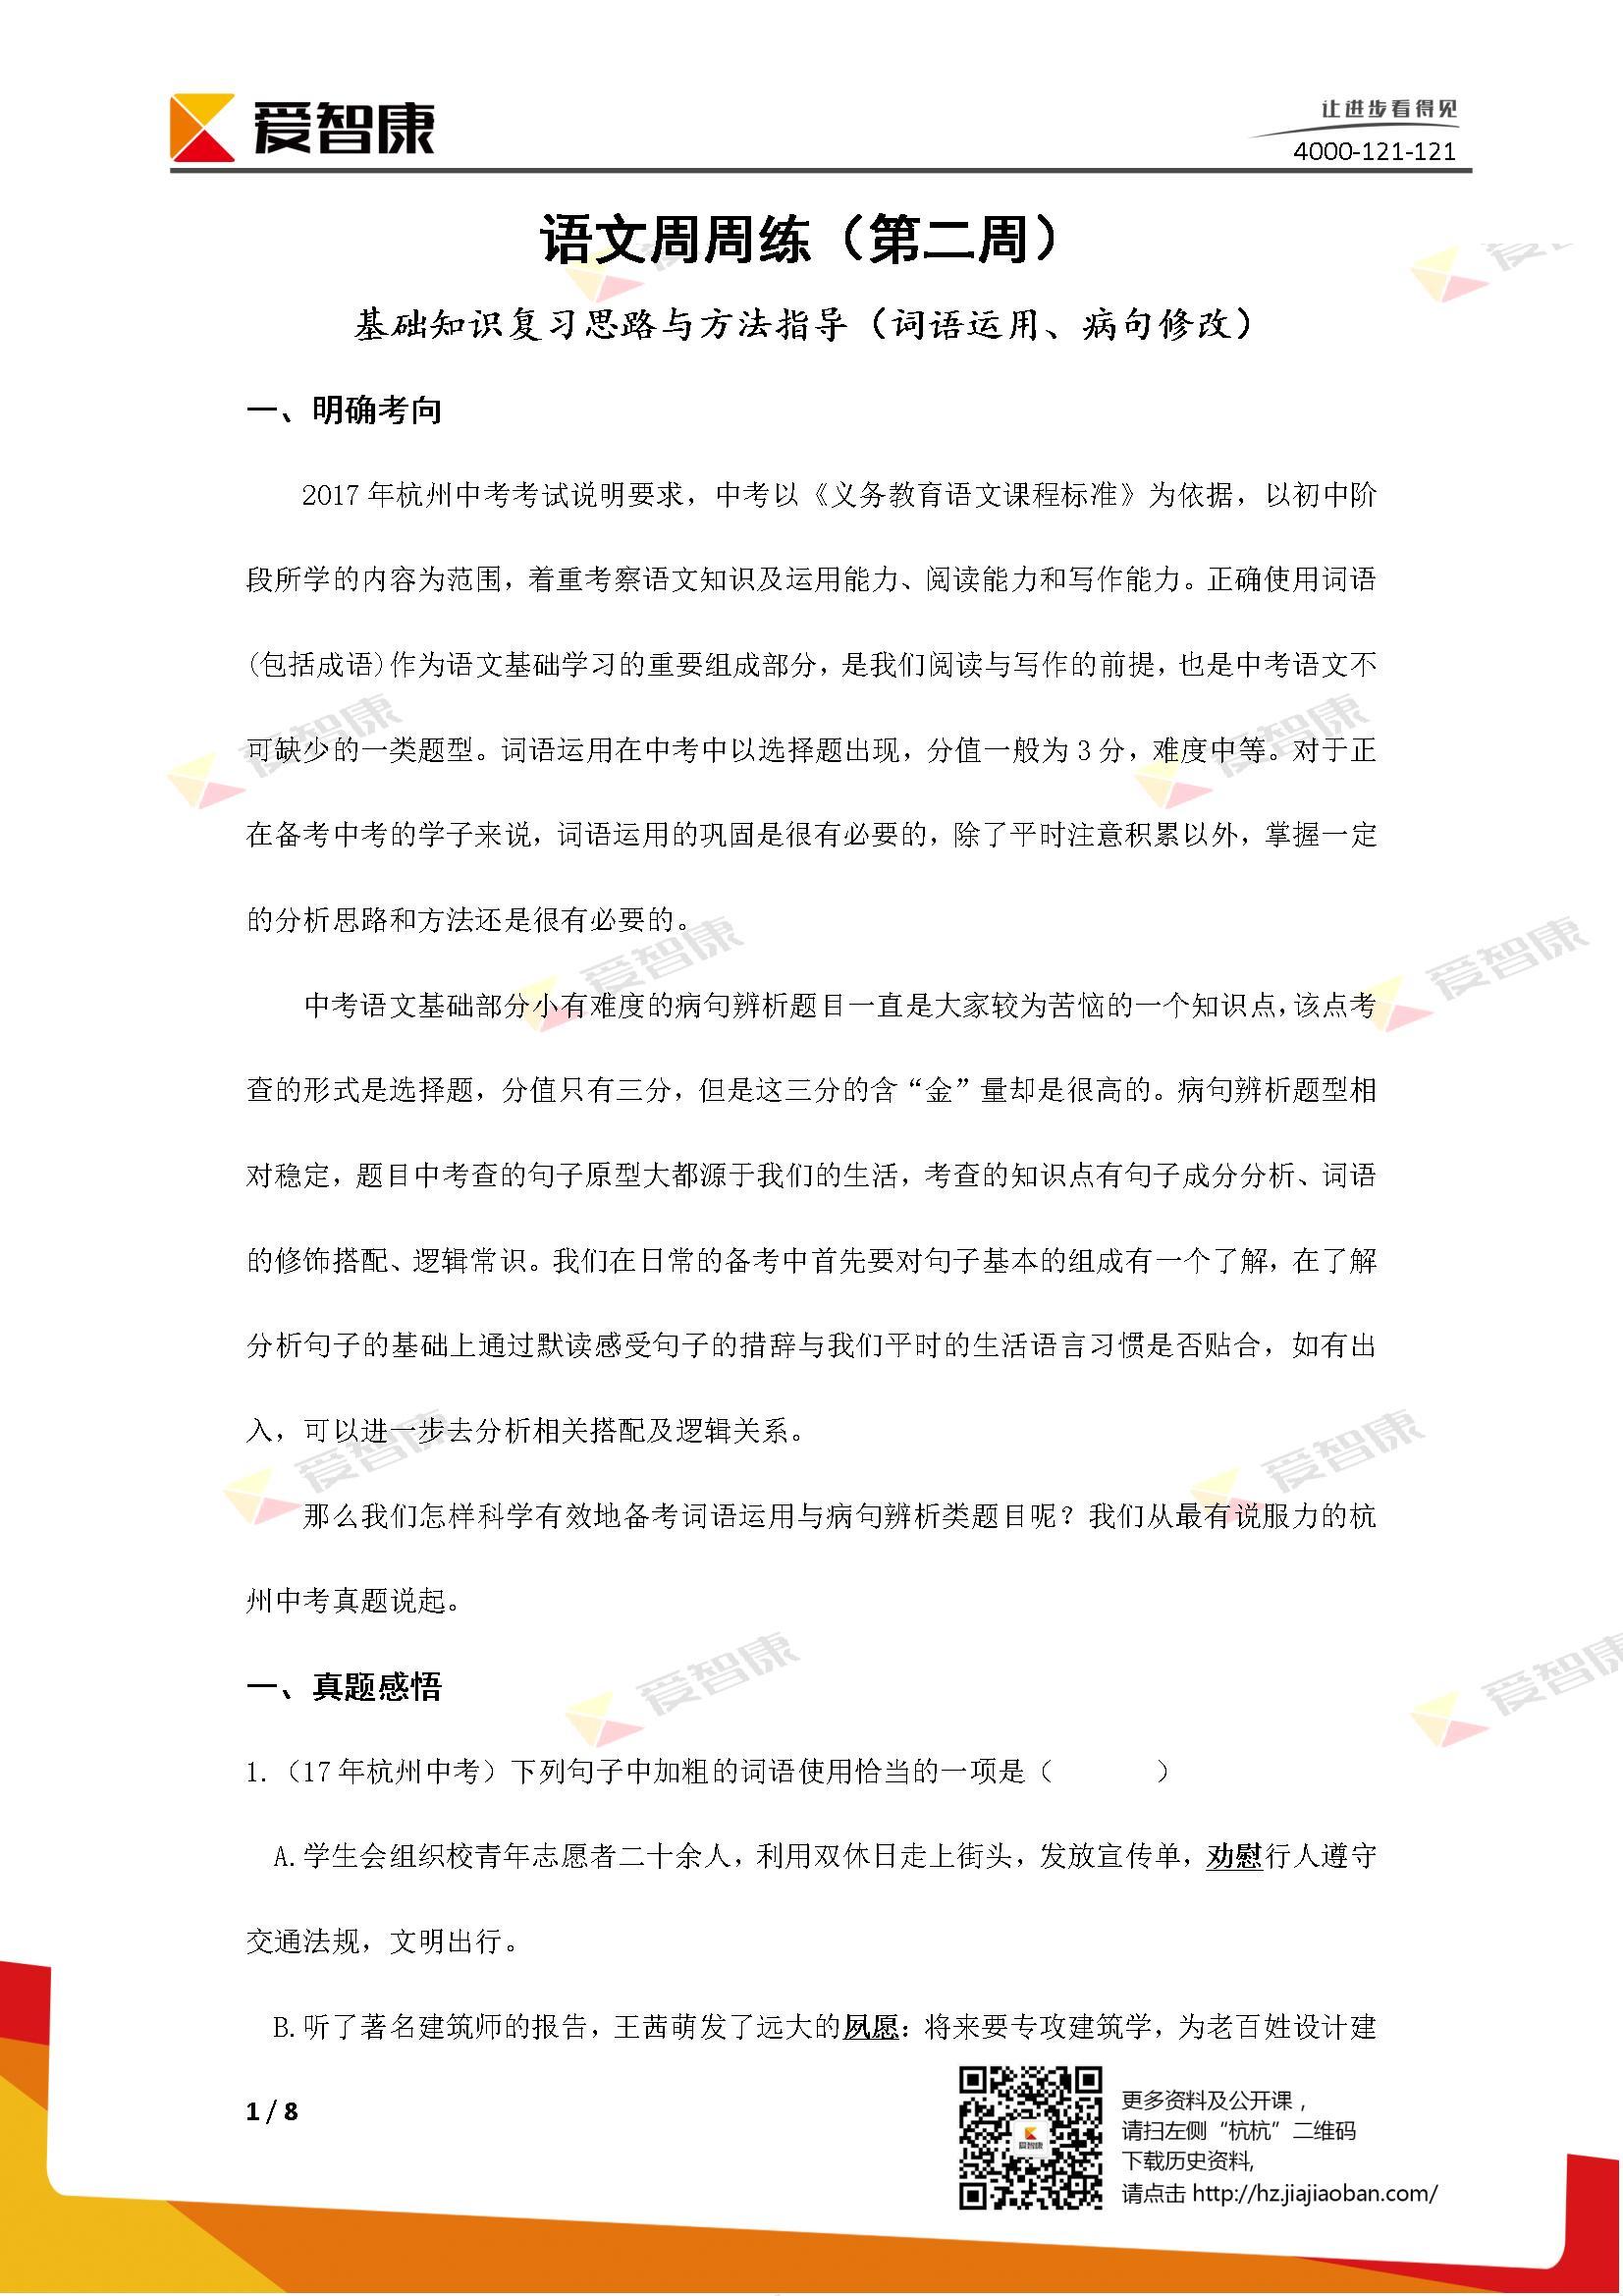 2018年杭州中考语文备考周周练――基础知识复习思路与方法指导(二)